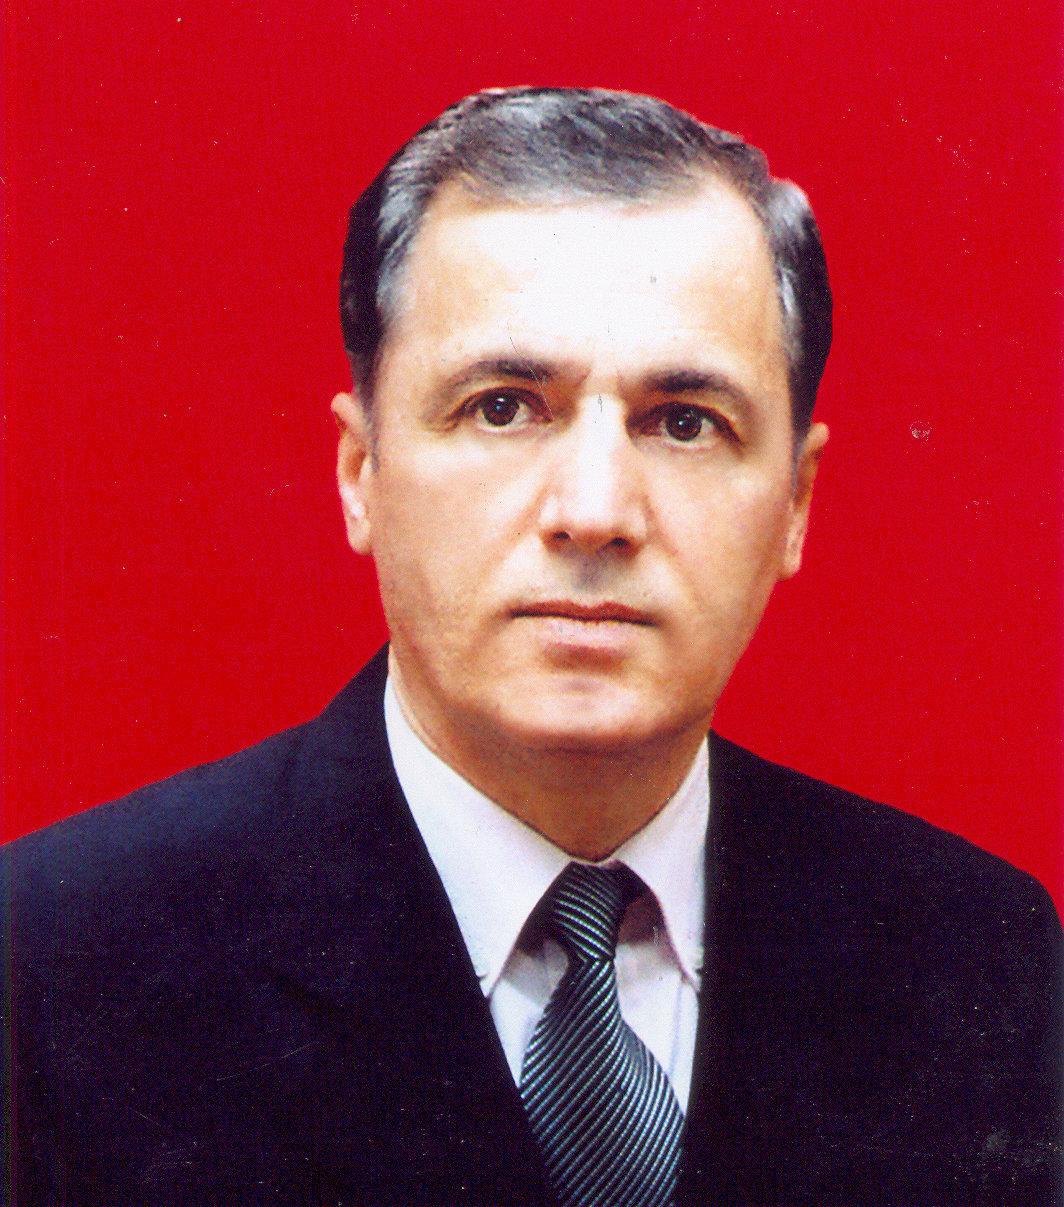 Kimya üzrə fəlsəfə doktoru Rəsul Əhmədov